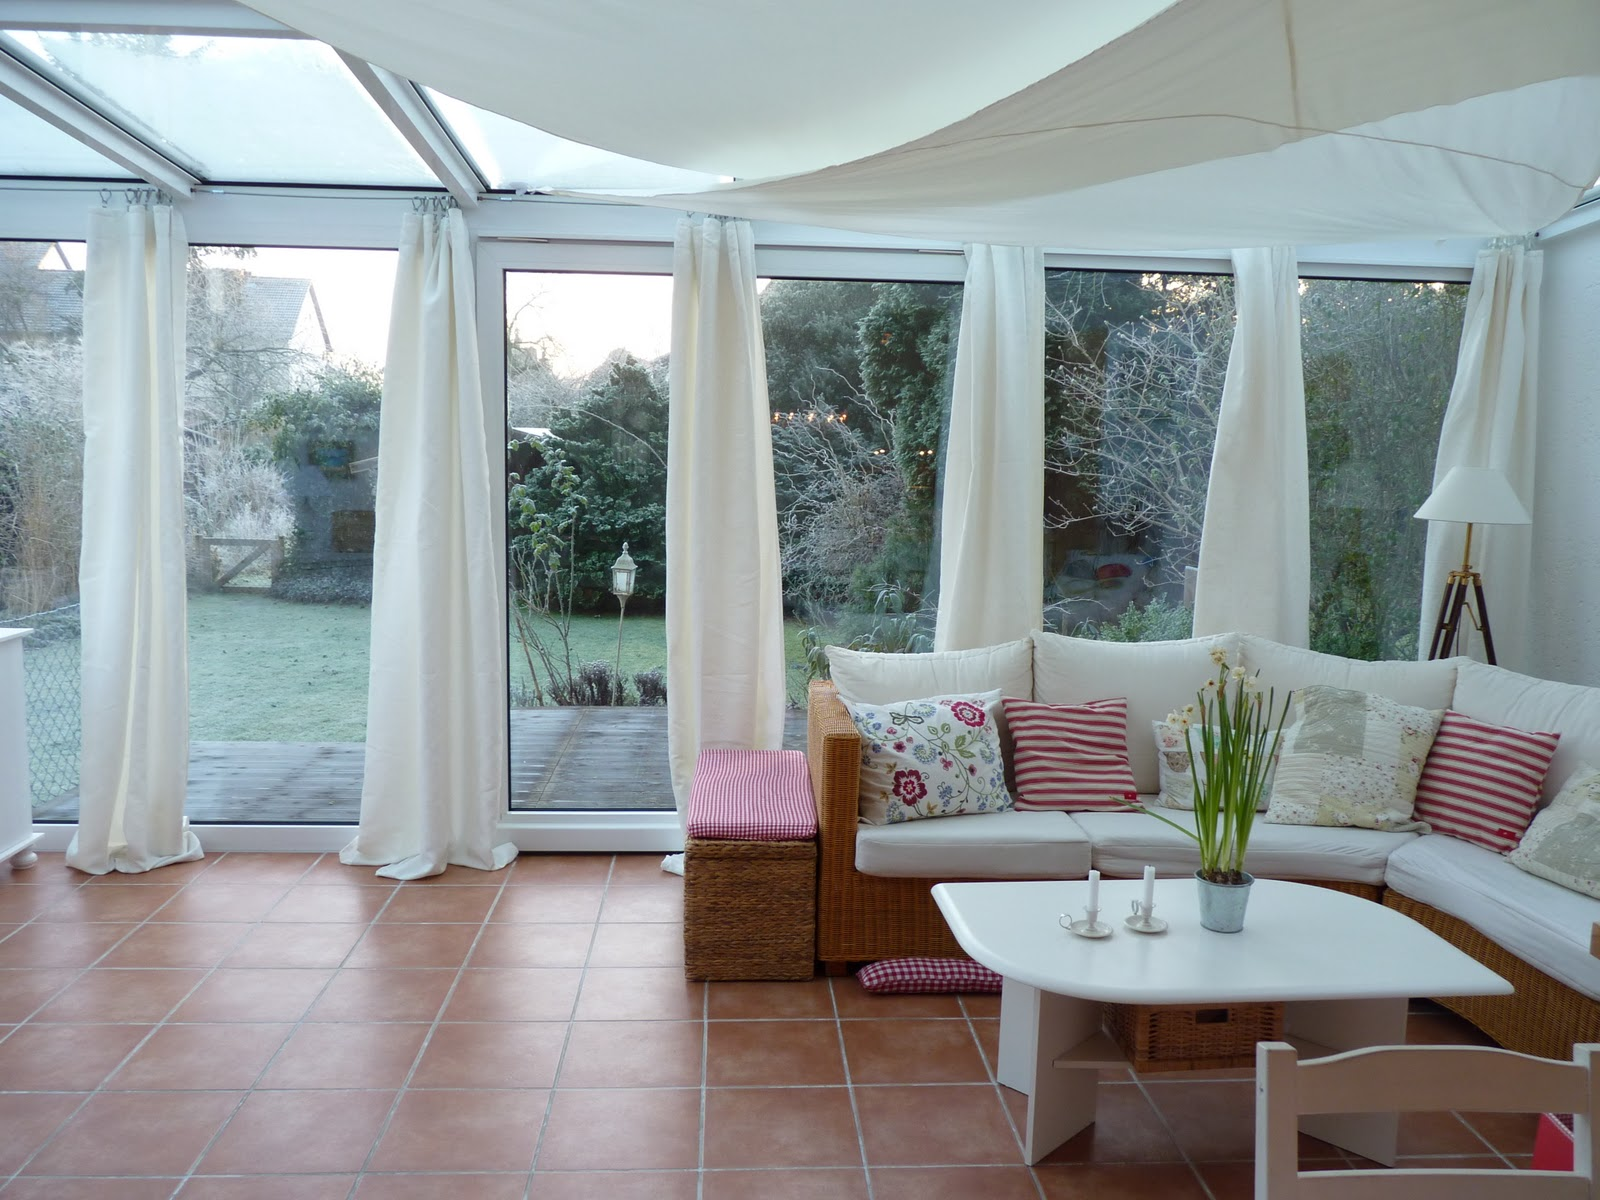 Schön Fenster Vorhang Ideen Design